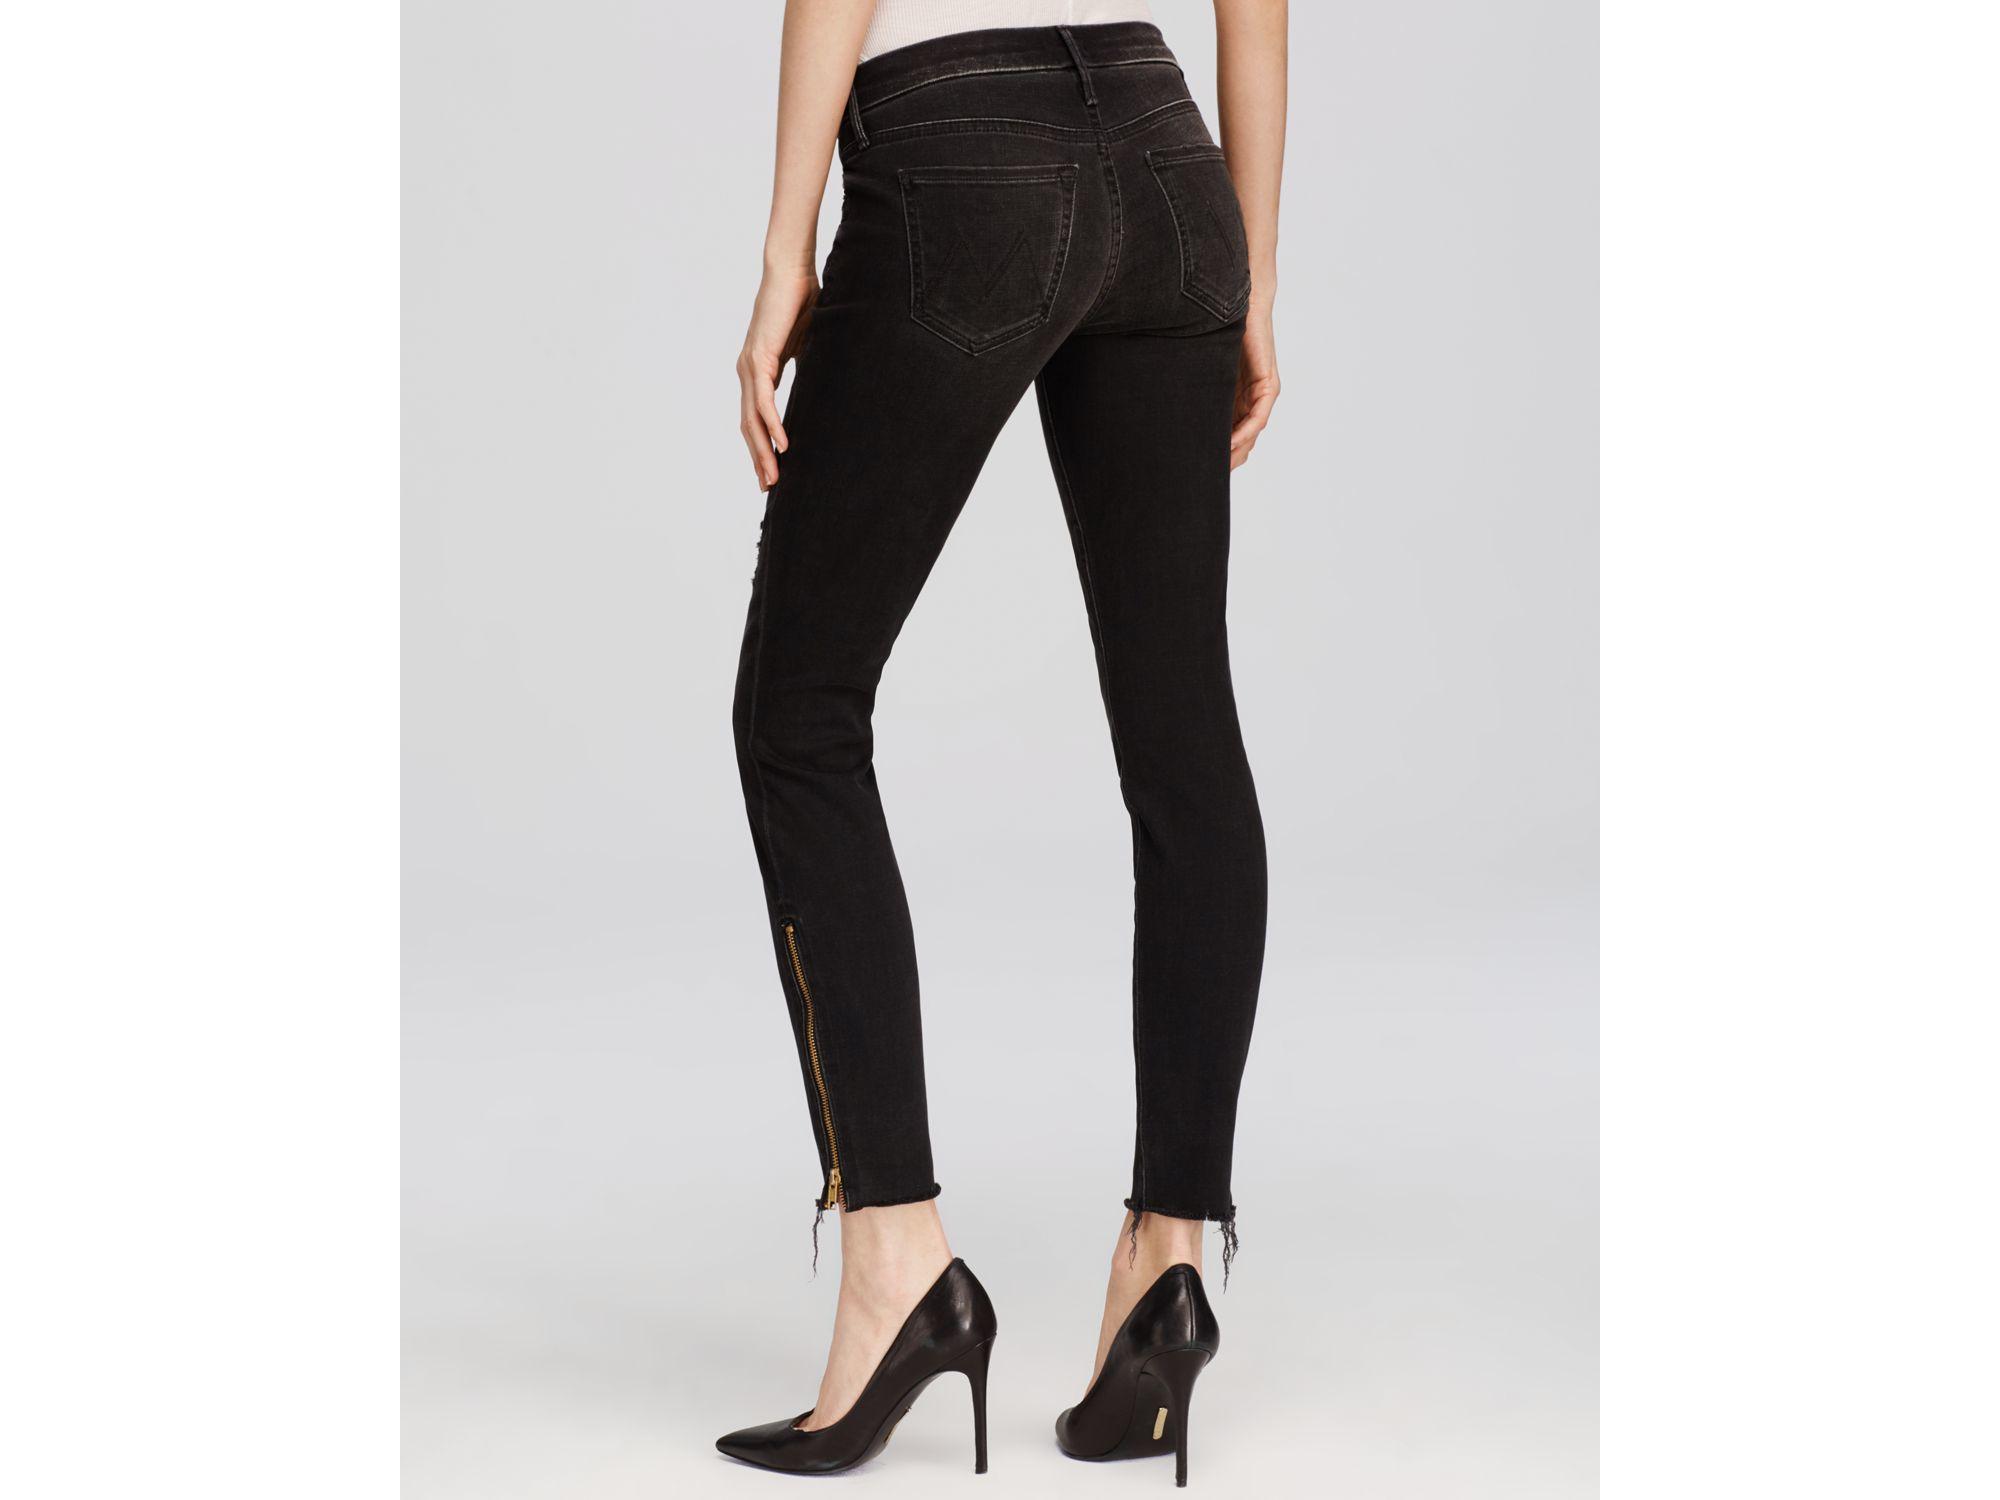 Looker Mid-rise Skinny Jeans - Dark denim Mother xMQbAK46l